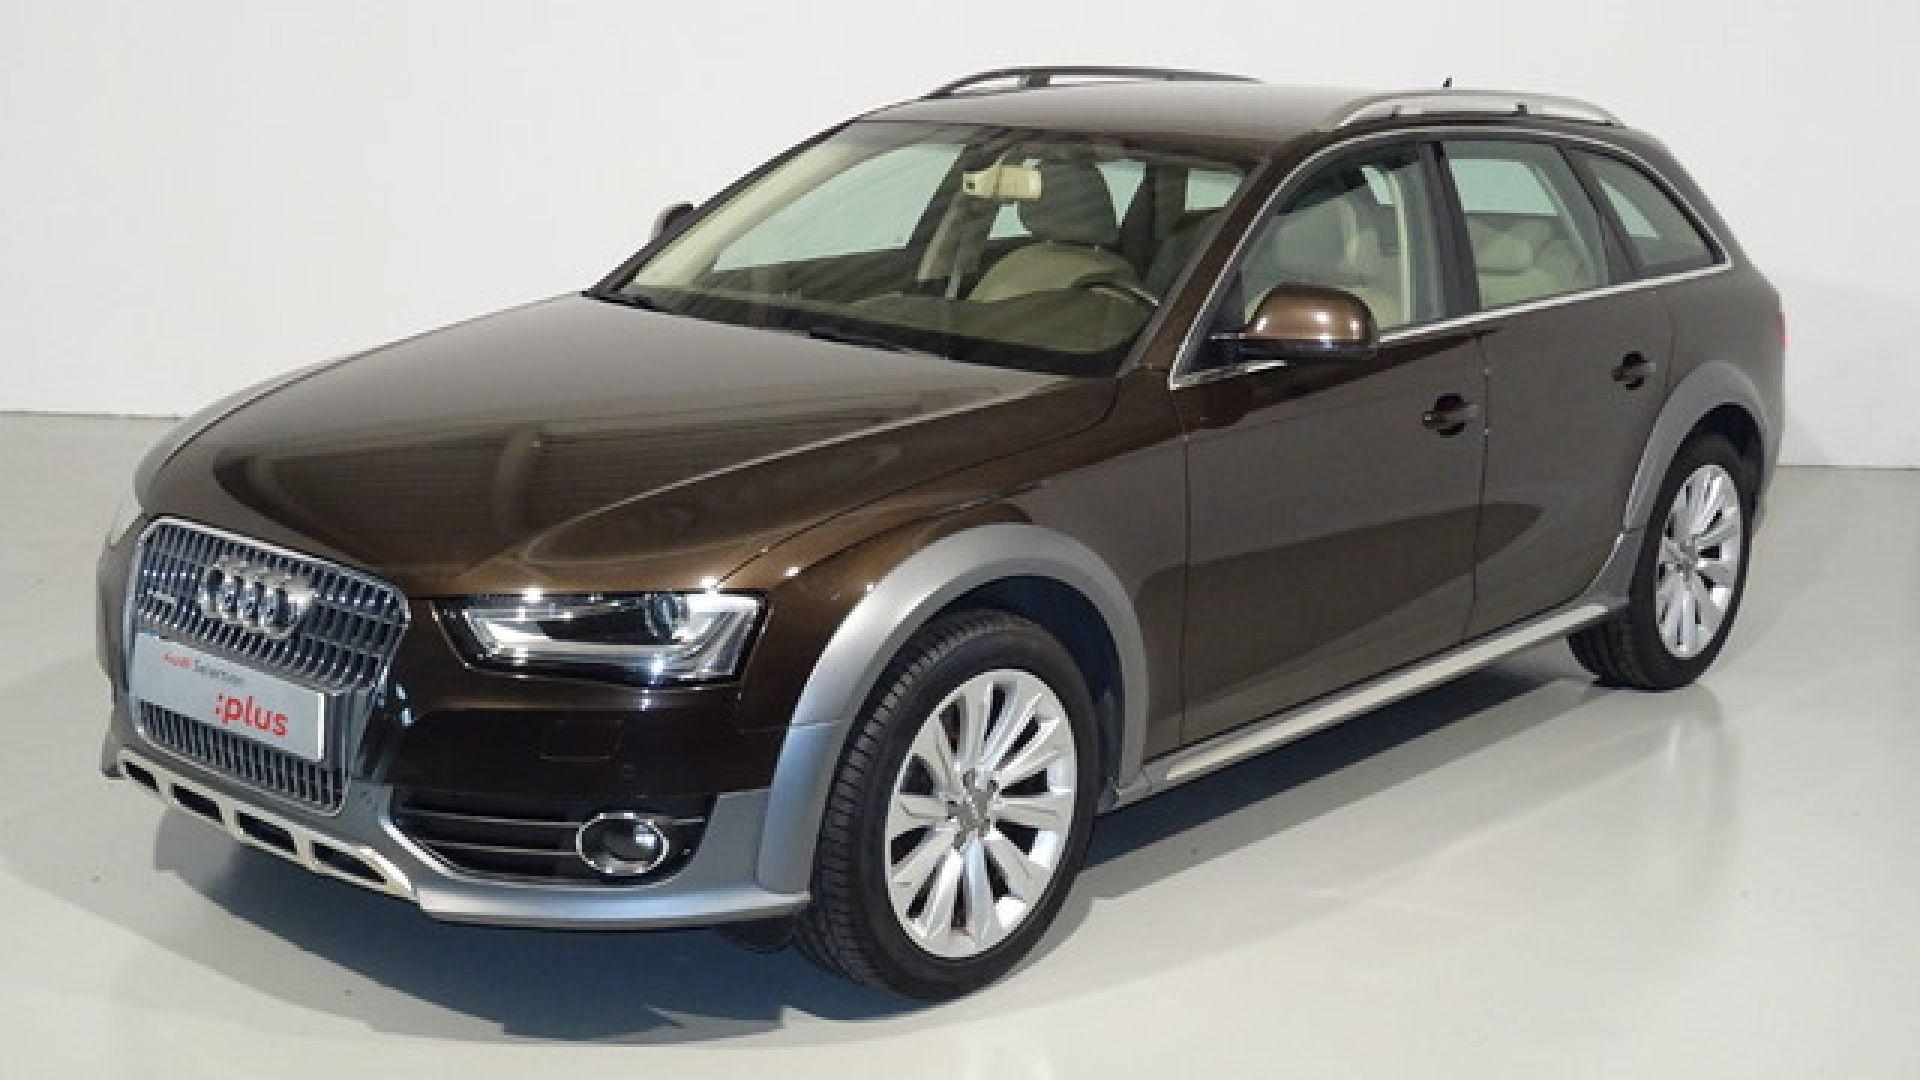 Audi A4 Allroad Quattro 3.0 TDI 245CV S tron quattro Advanced ed